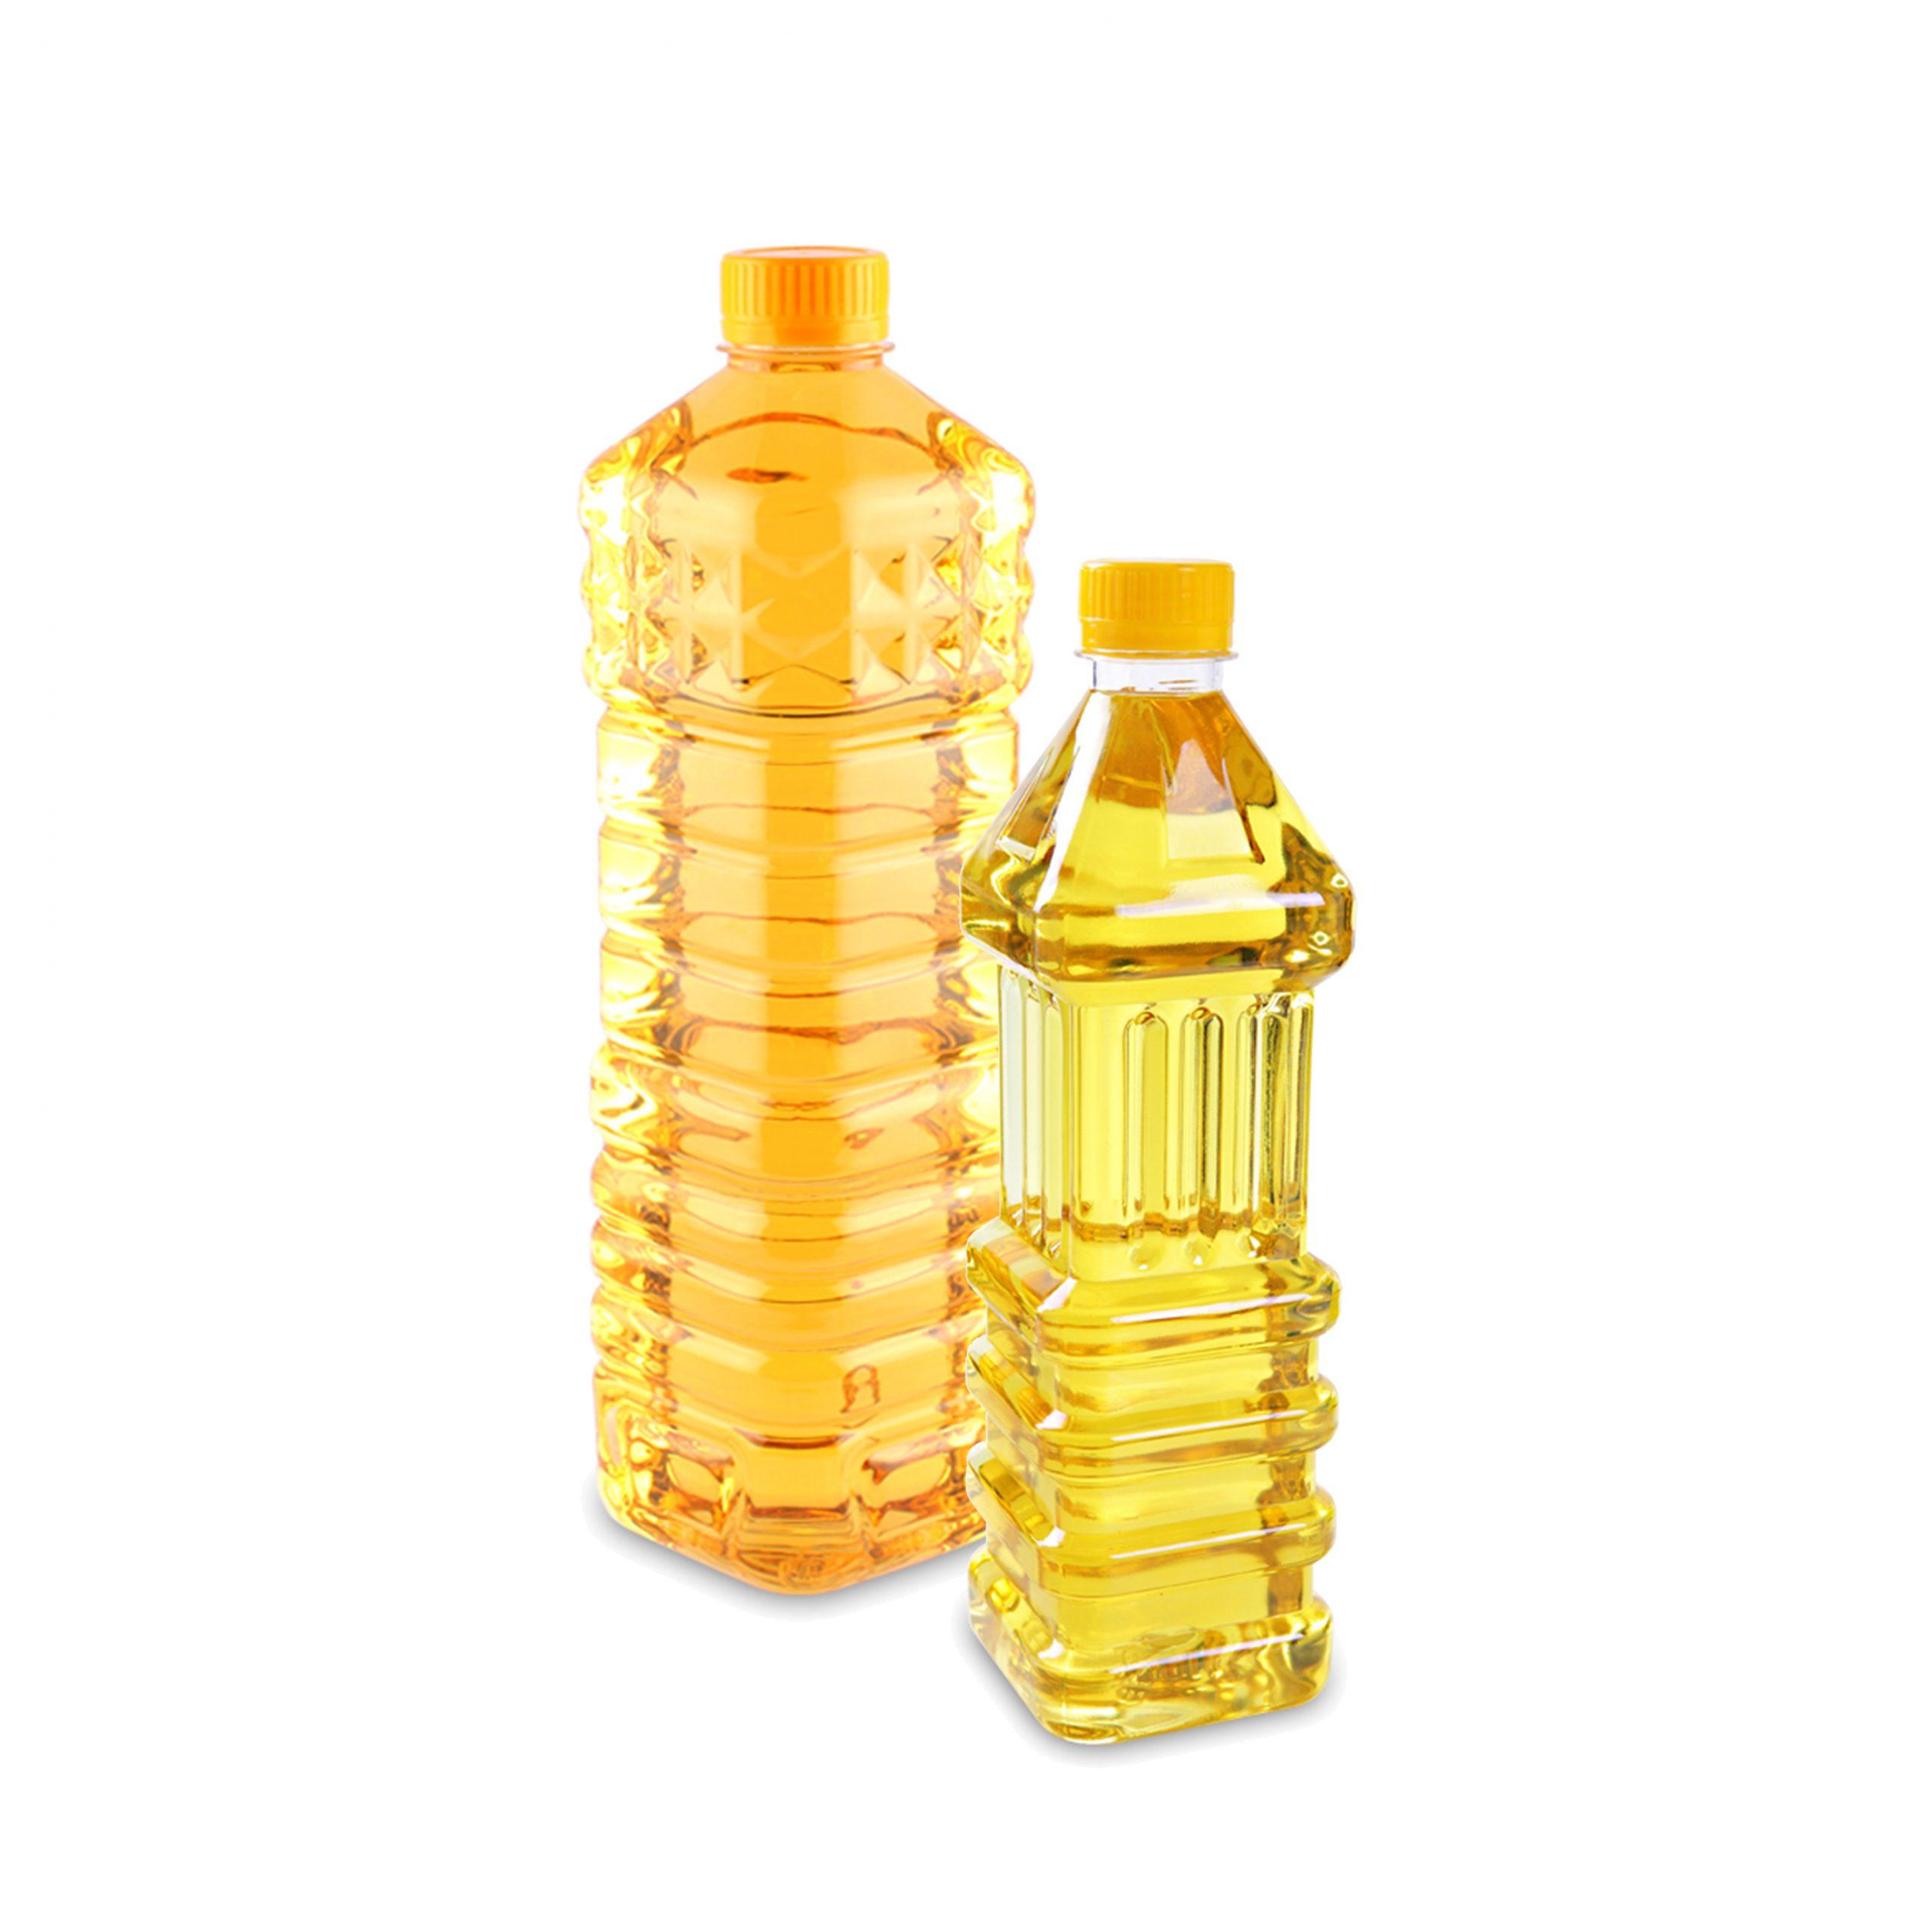 Toko Grosir Botol Minyak PET Murah dan Berkualitas